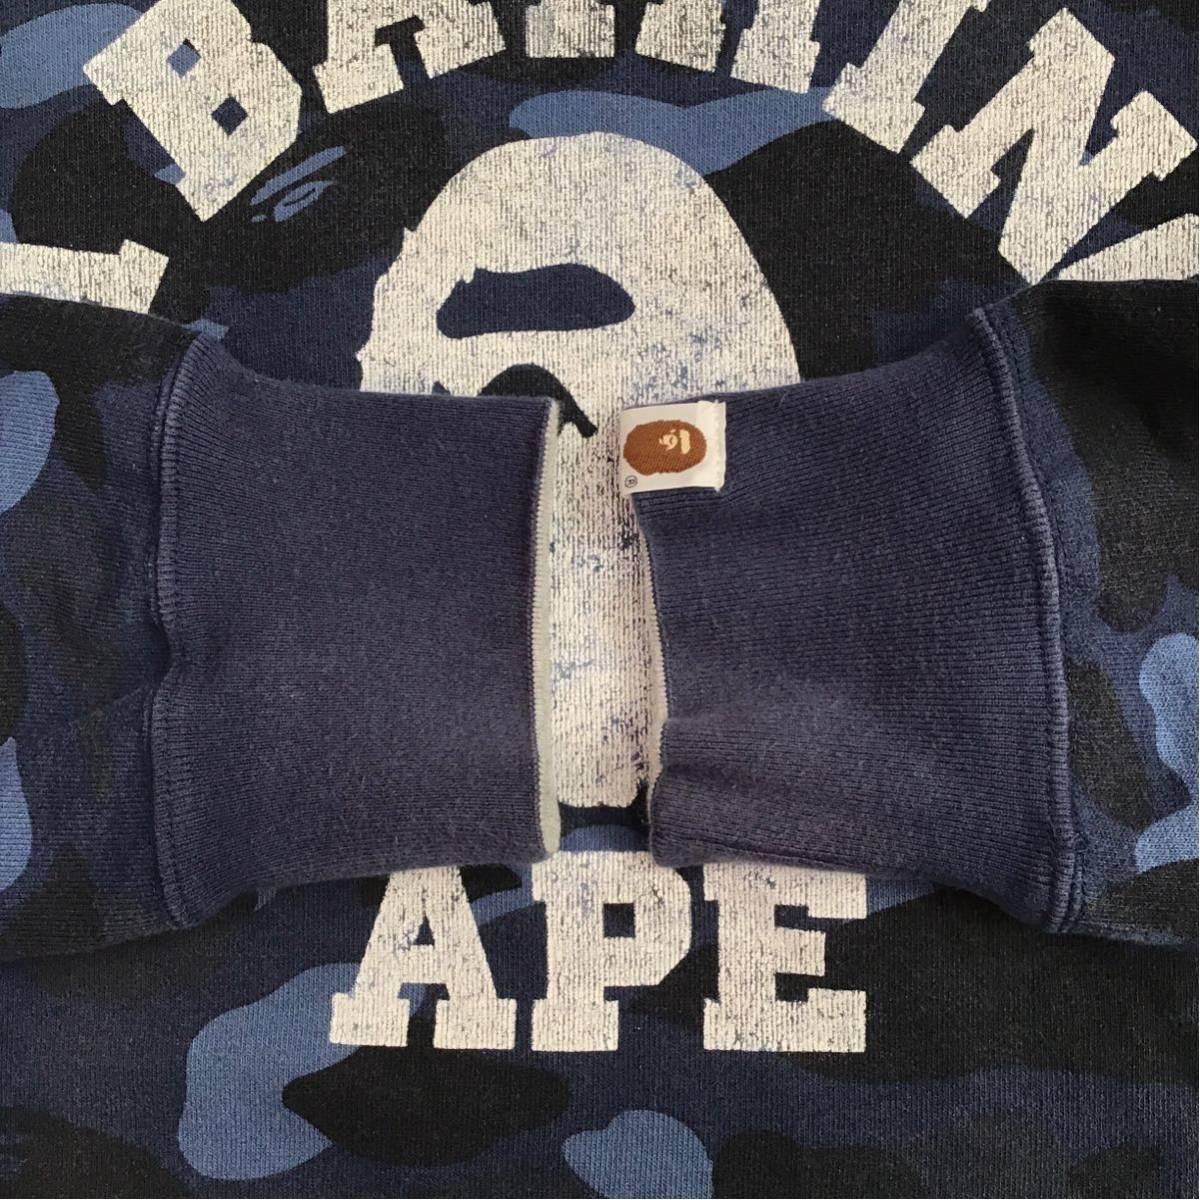 ★リバーシブル★ blue camo 長袖 スウェット a bathing ape bape エイプ ベイプ アベイシングエイプ カレッジロゴ reversible 迷彩 3632